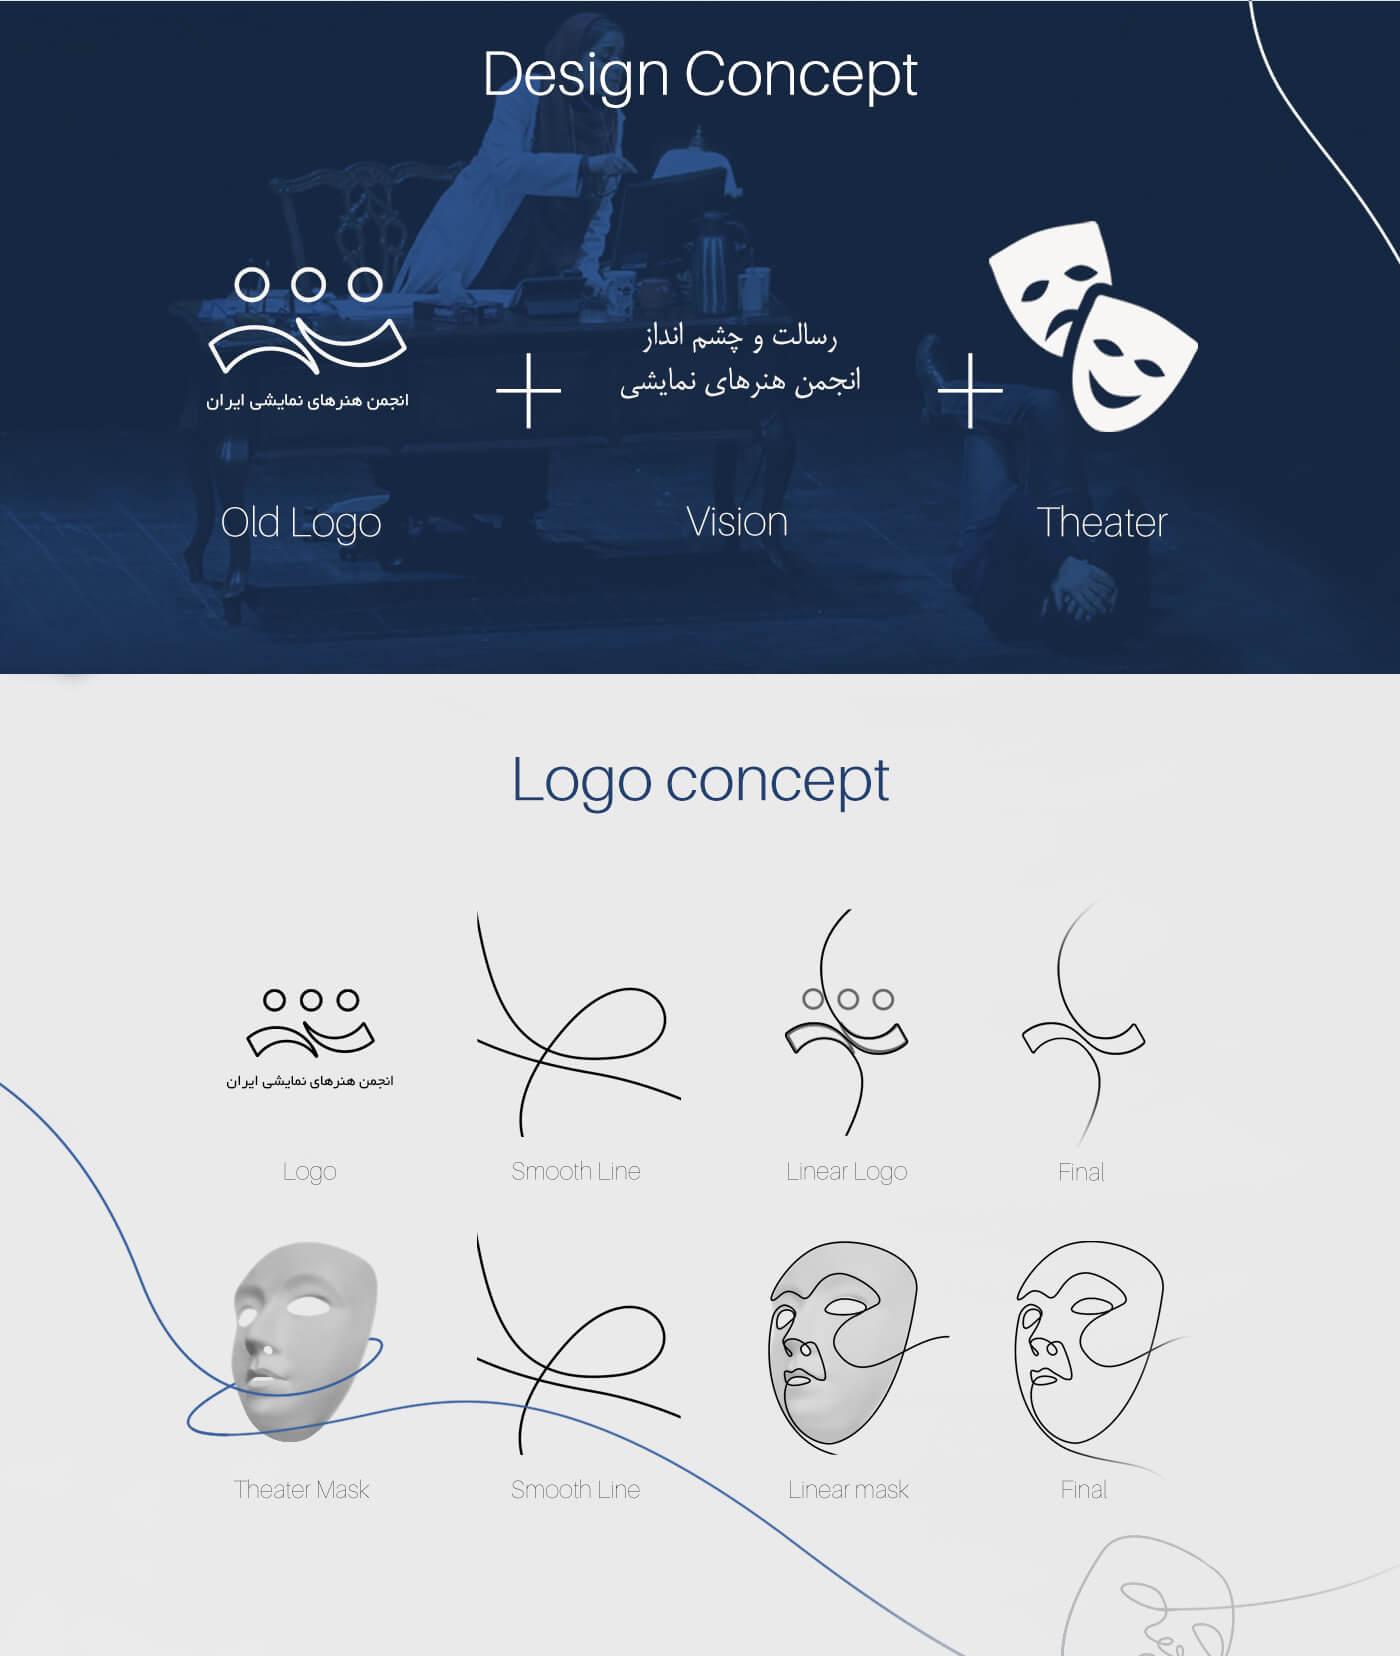 هویت بصری انجمن هنرهای نمایشی 2، انجمن هنرهای نمایشی، هویت بصری، طراحی لوگو، طراحی لوگوتایپ، طراحی ست اداری، طراحی اوراق اداری، شرکت تبلیغاتی الف، طراحی هویت بصری